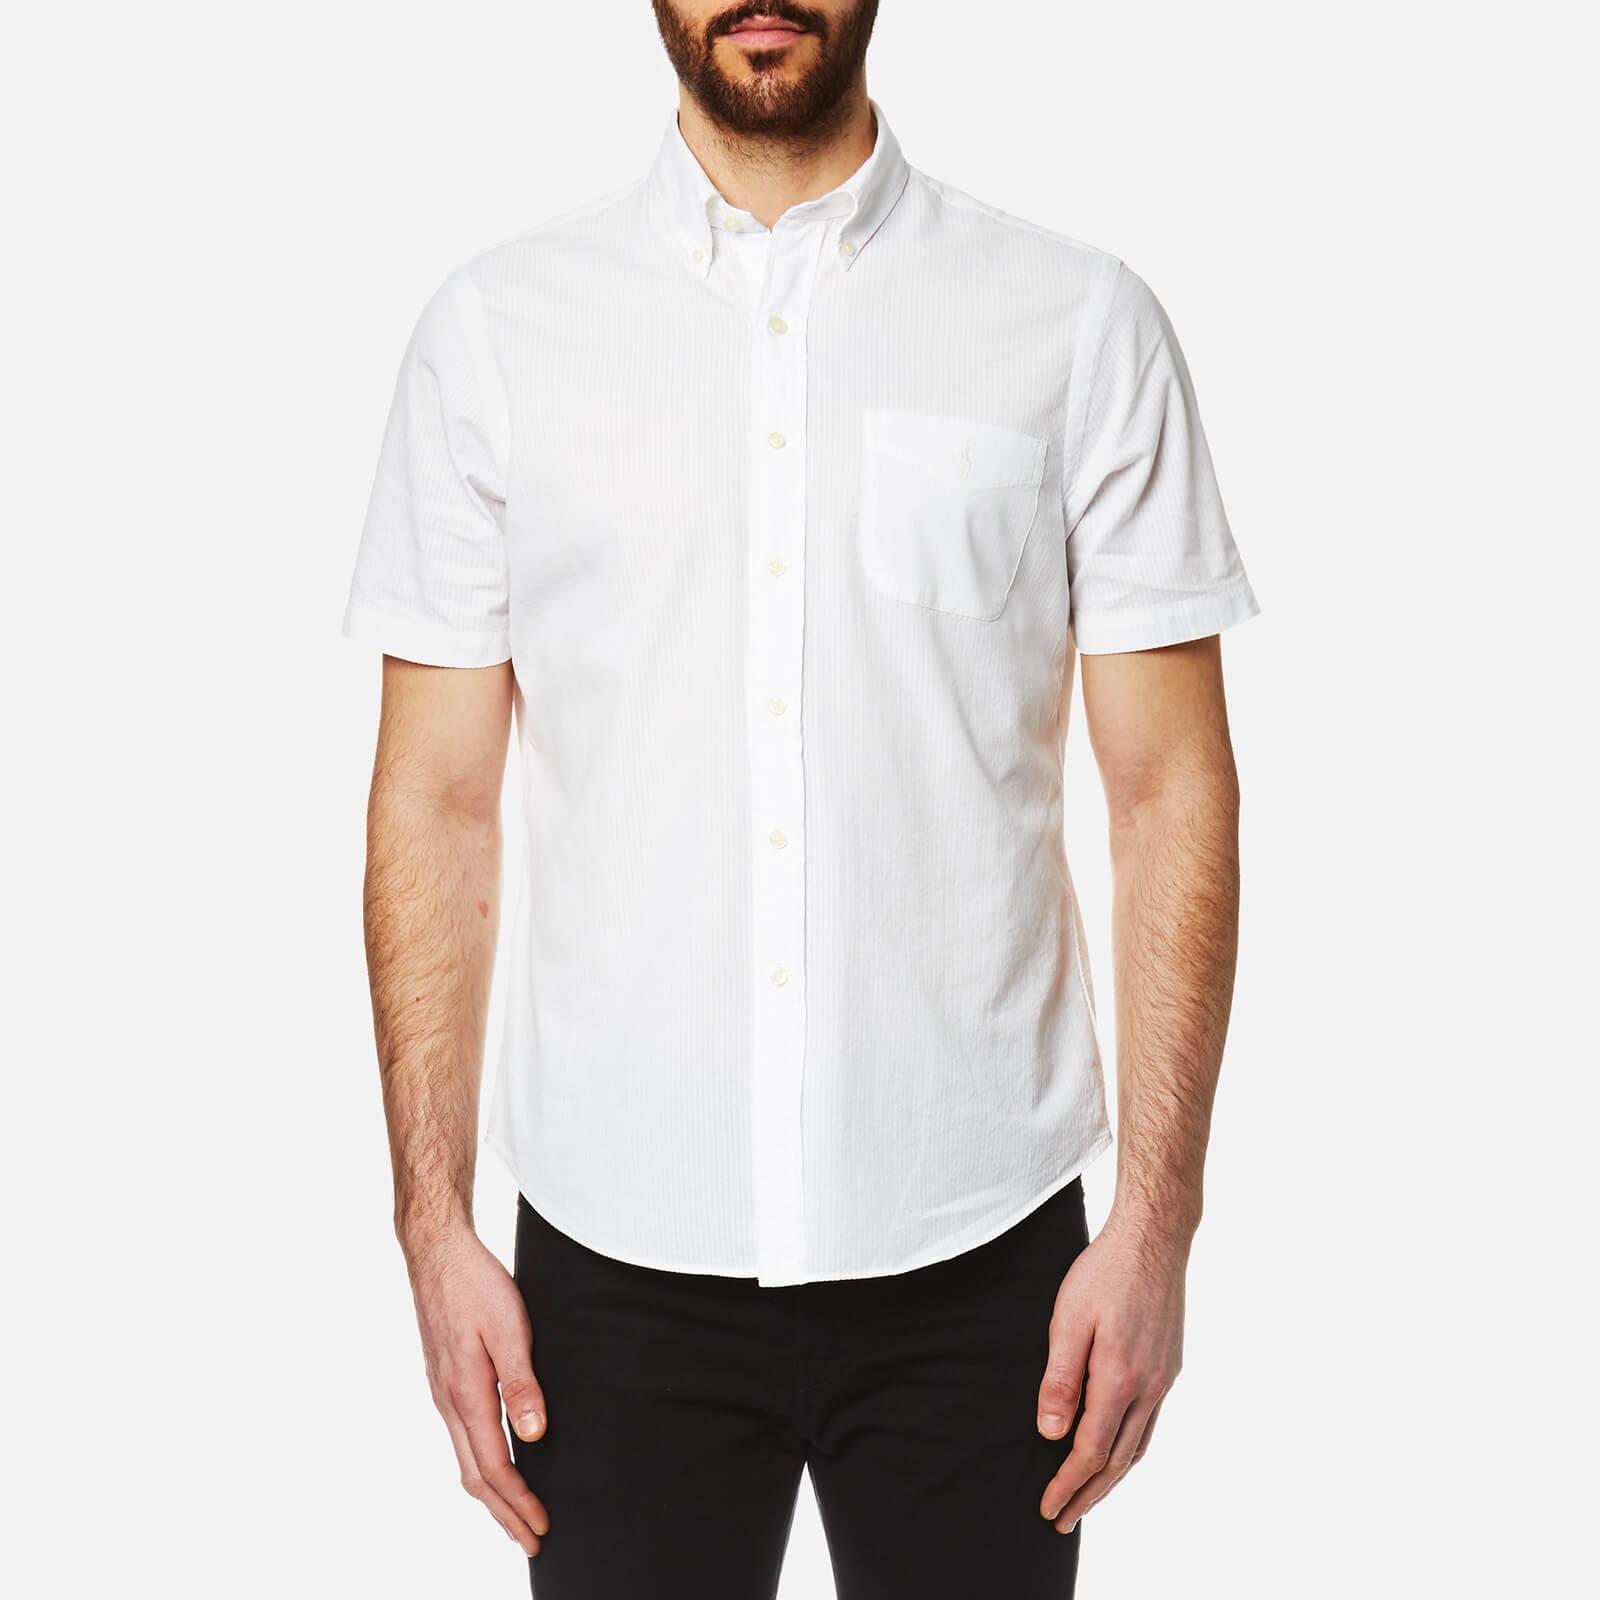 Ralph Lauren Men Blue White Classic Fit Short Sleeve Seersucker Button Shirt L Clothing, Shoes & Accessories Men's Clothing